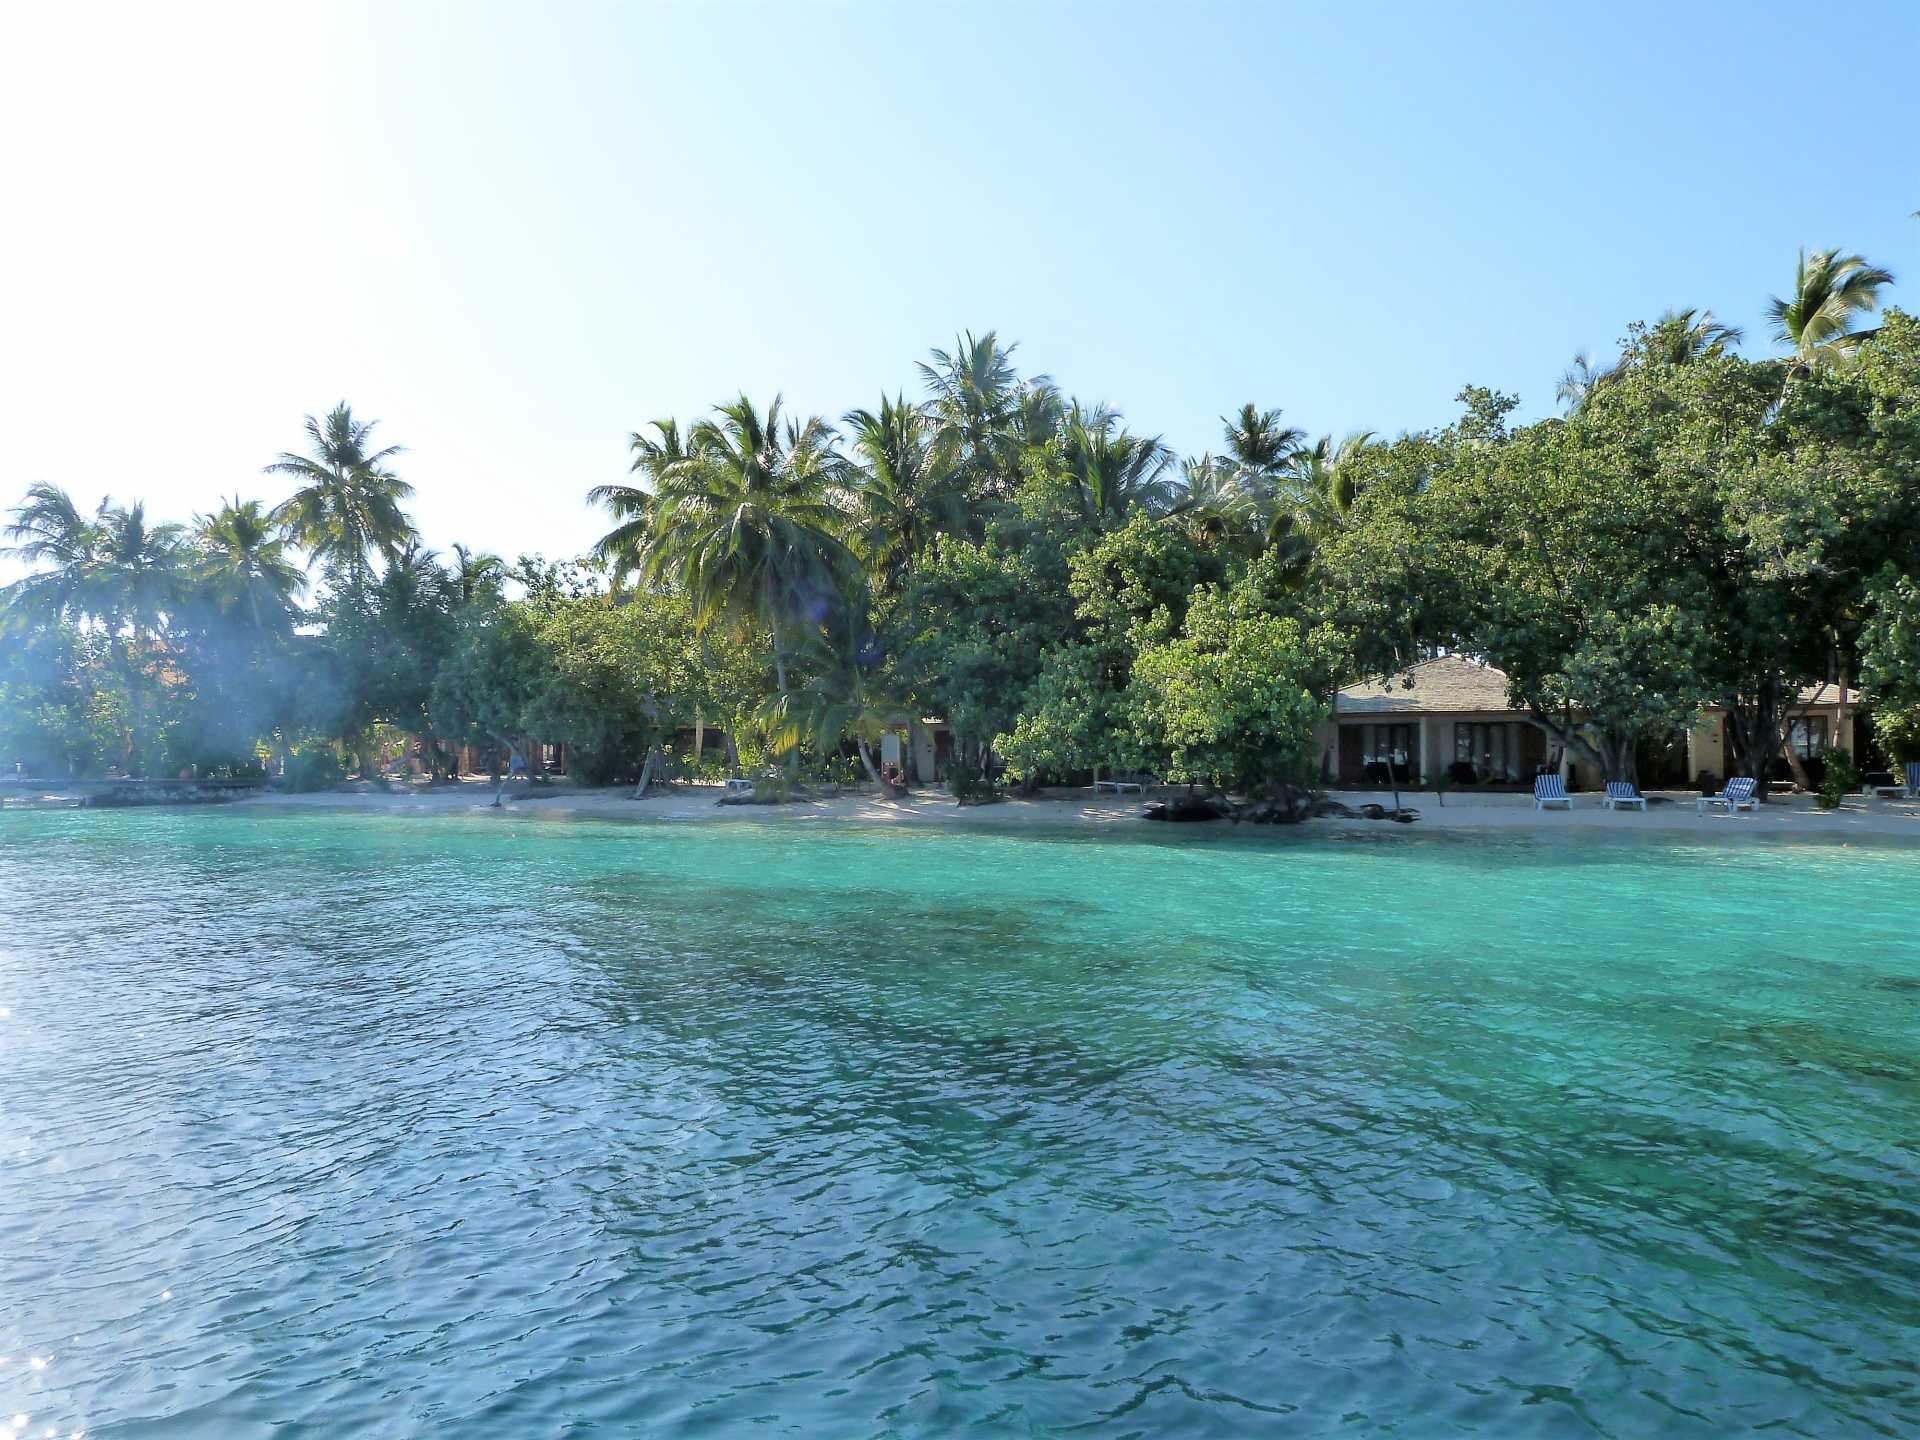 MALDIVAS:  UNO DE LOS DESTINOS MÁS EXCLUSIVOS DEL MUNDO